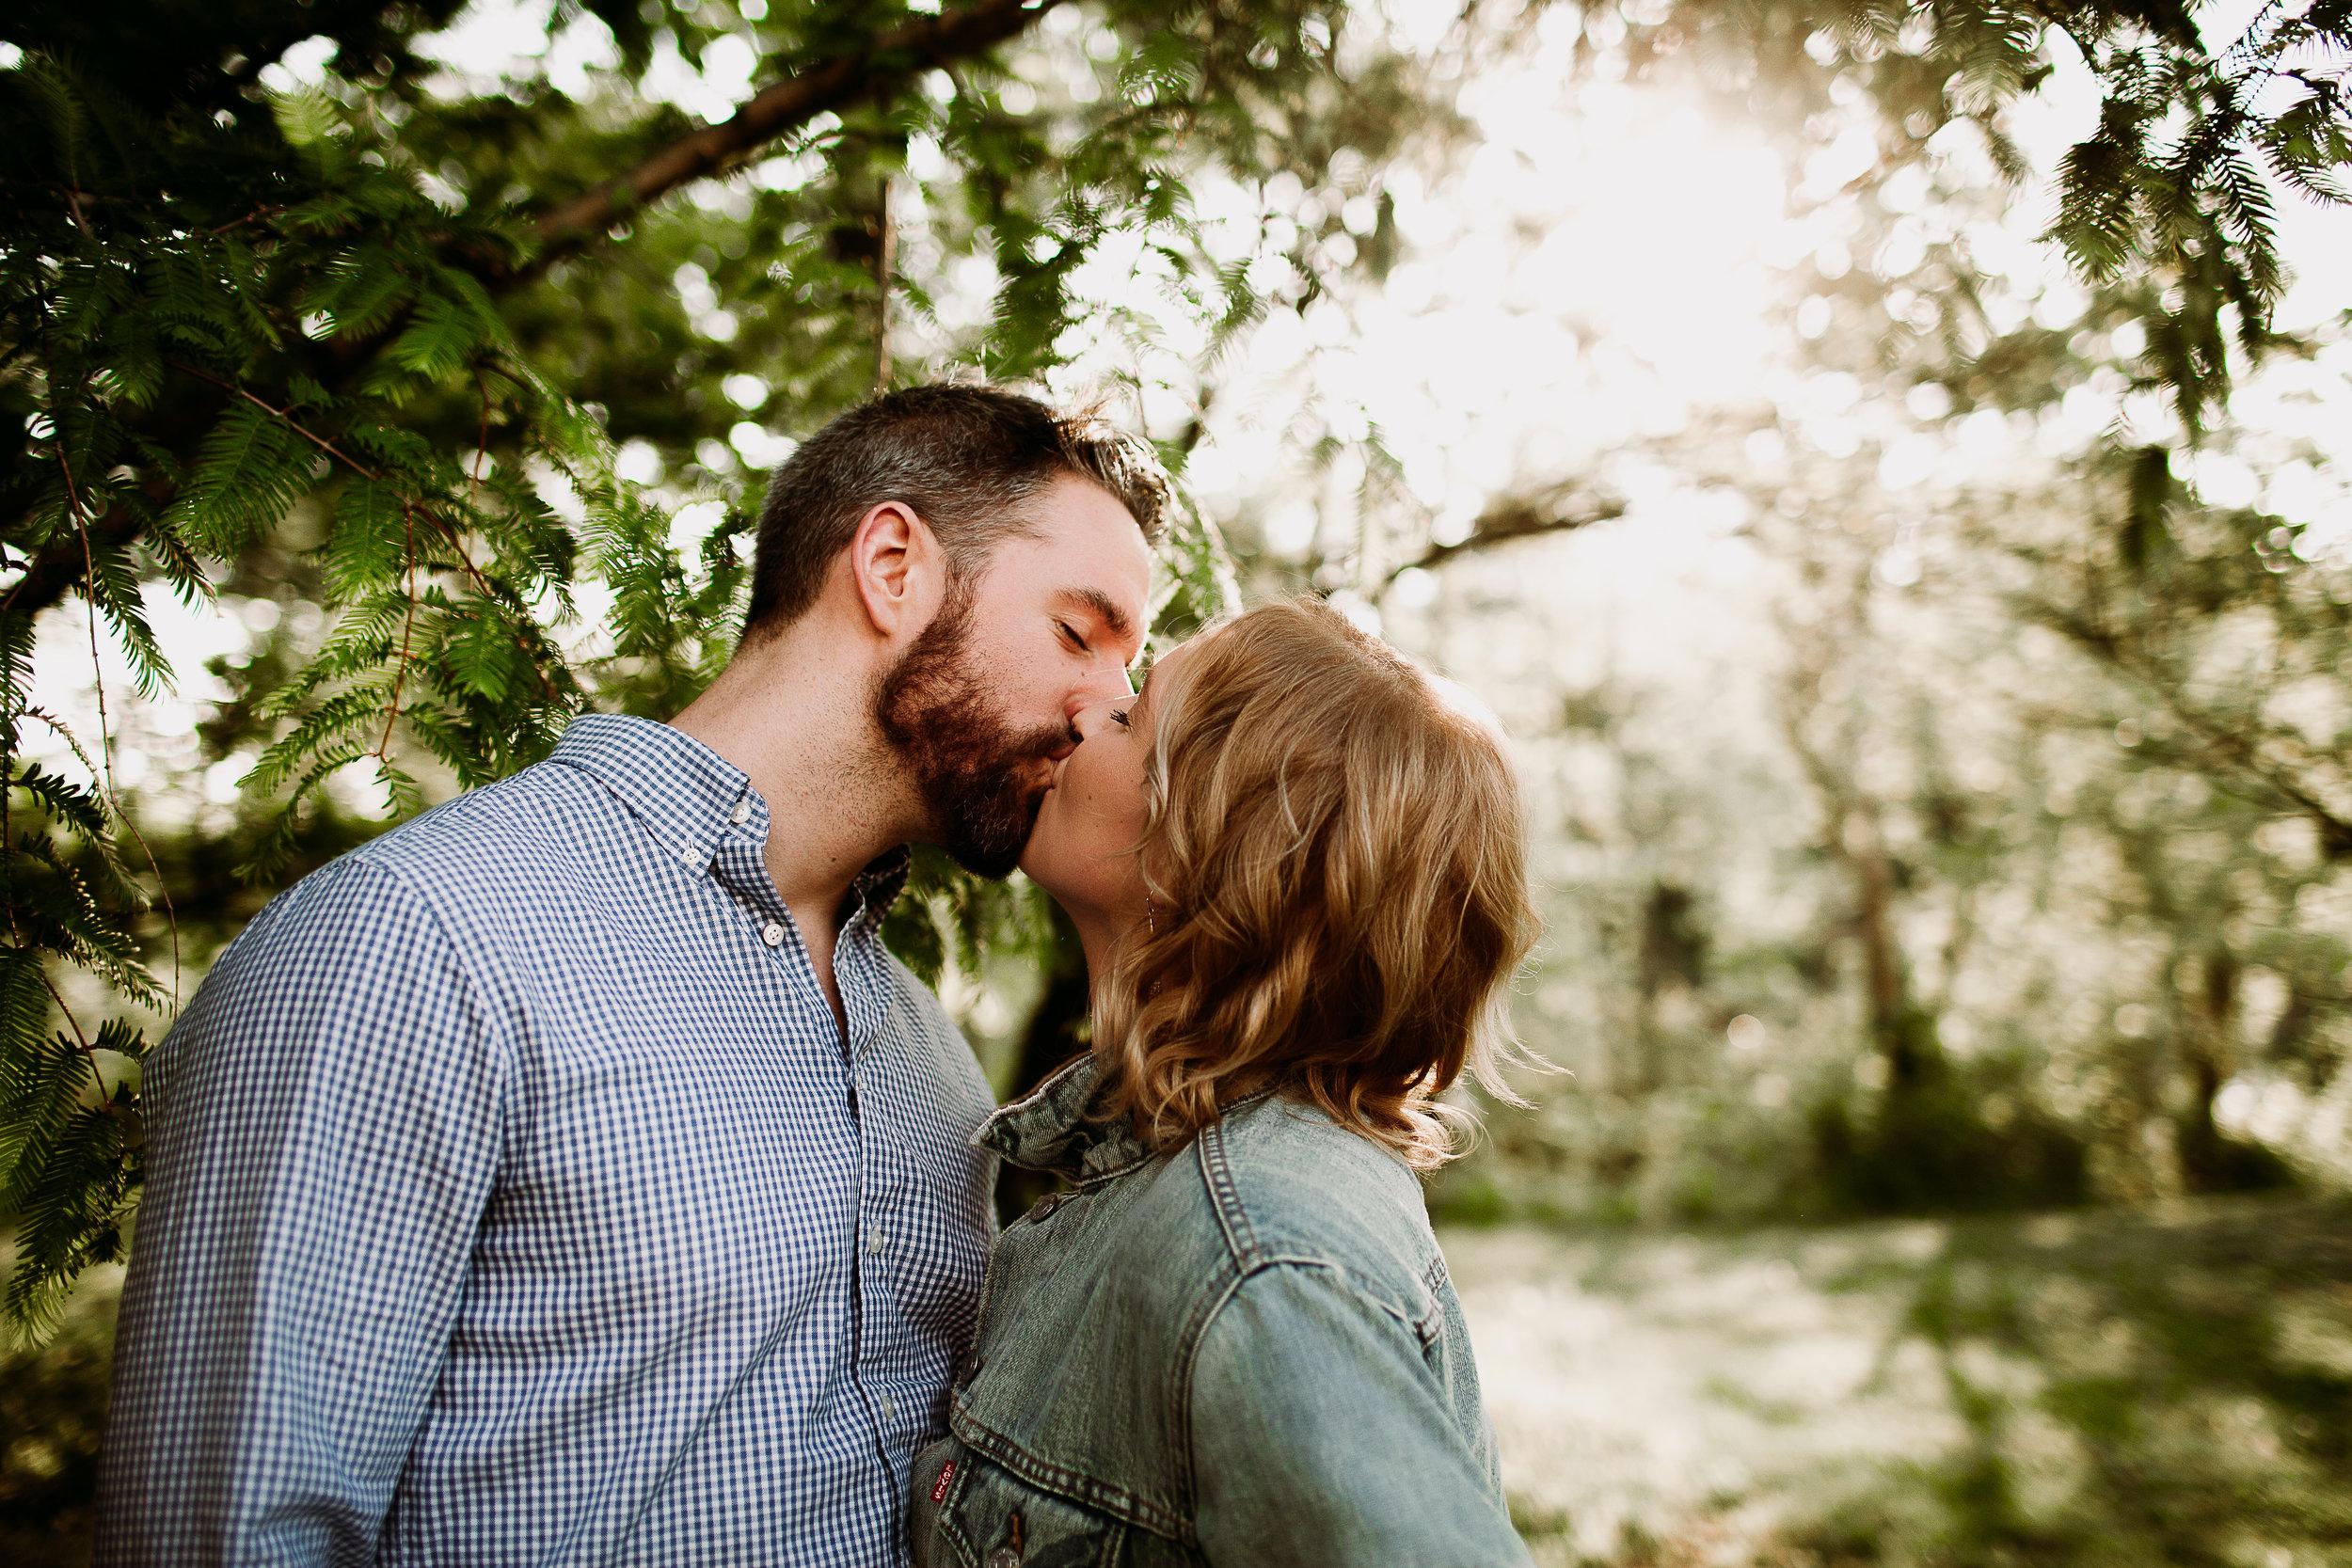 047 Lauren and Greg Engagement - 20180515.jpg